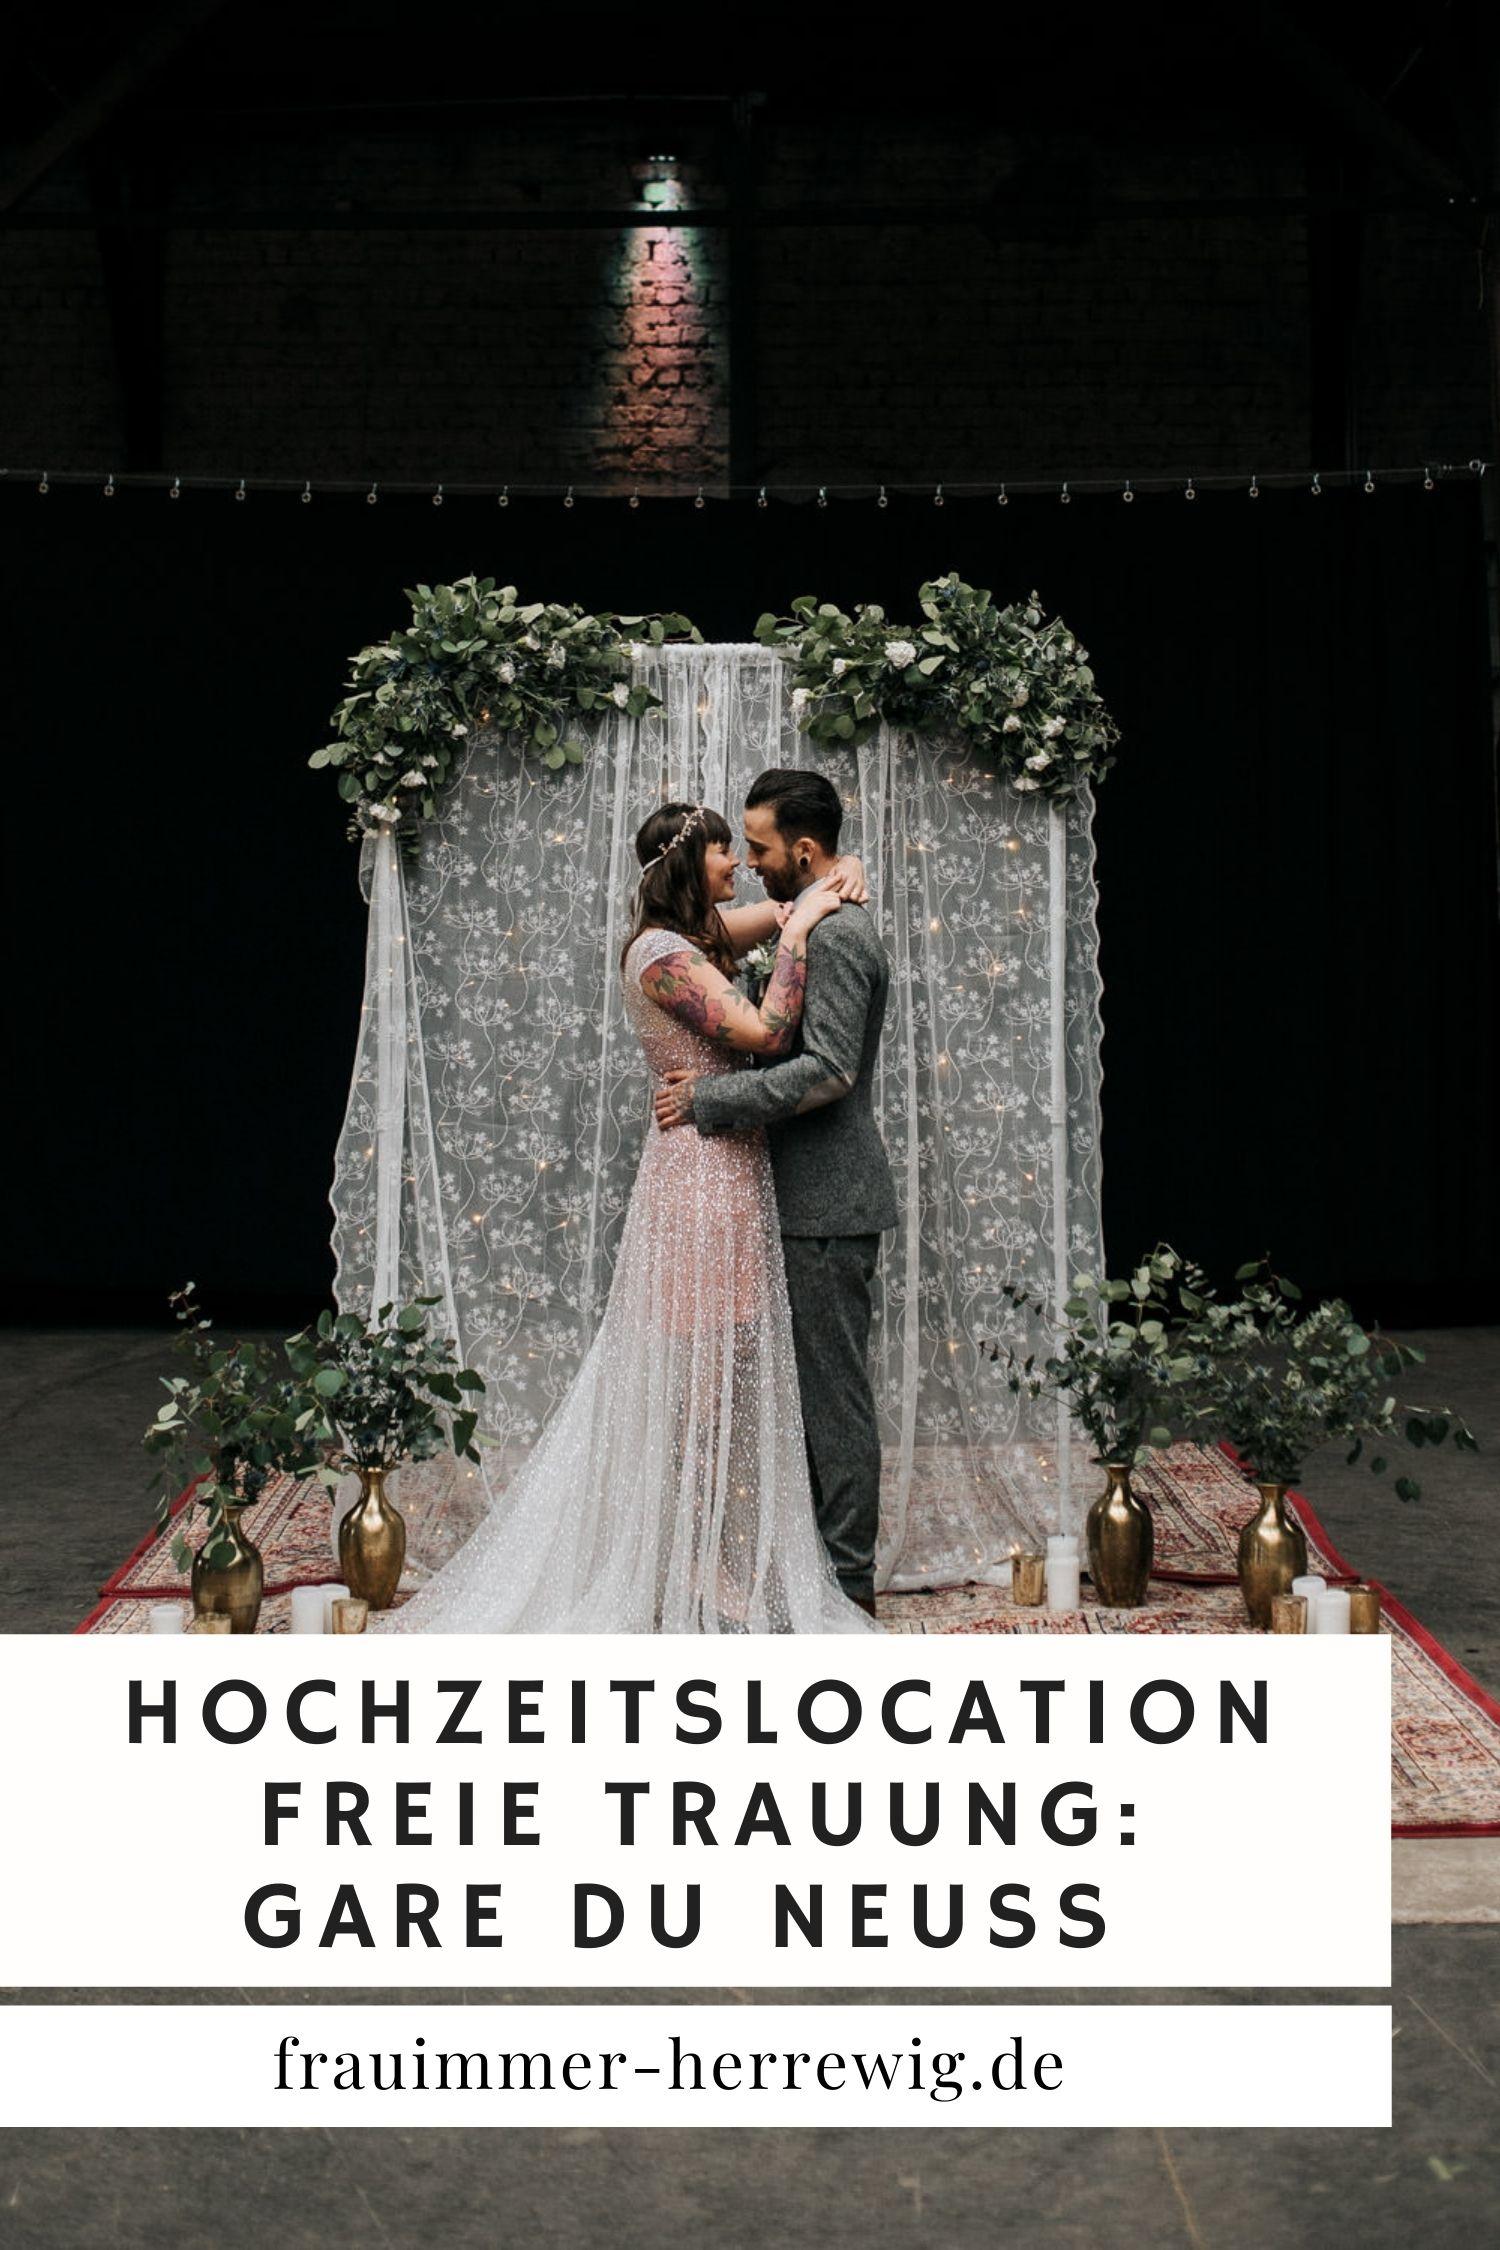 Hochzeitslocation freie trauung gare du neuss – gesehen bei frauimmer-herrewig.de